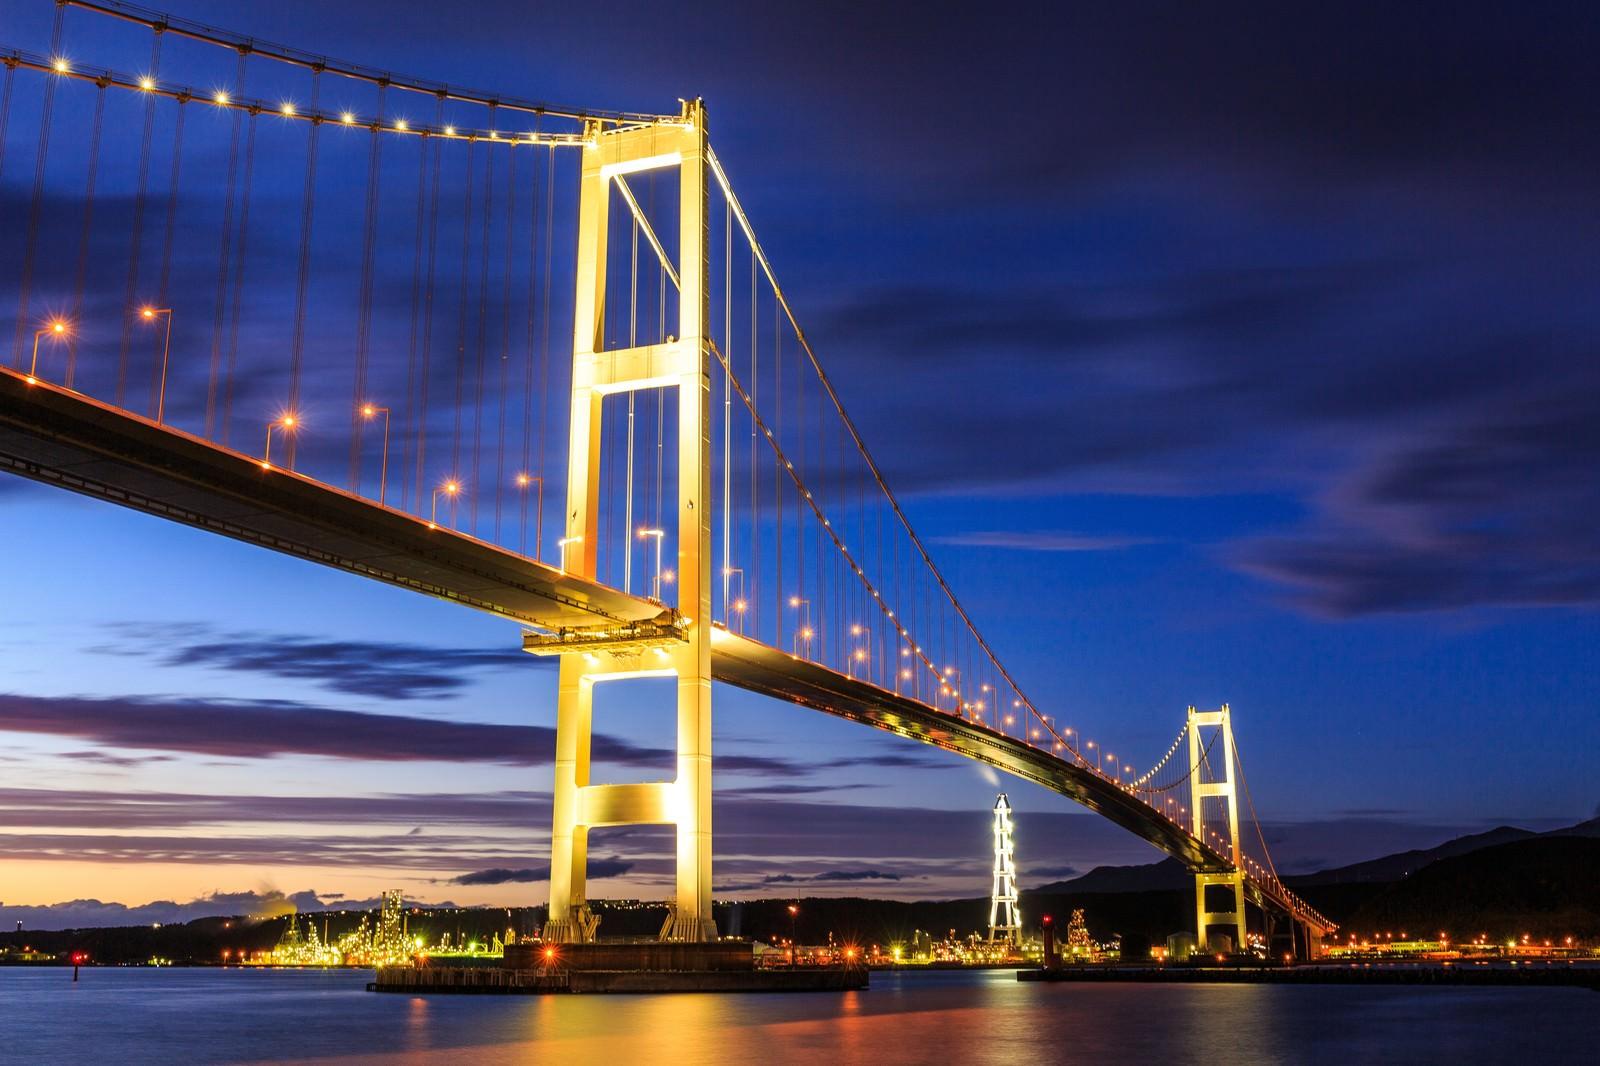 「室蘭白鳥大橋室蘭白鳥大橋」のフリー写真素材を拡大